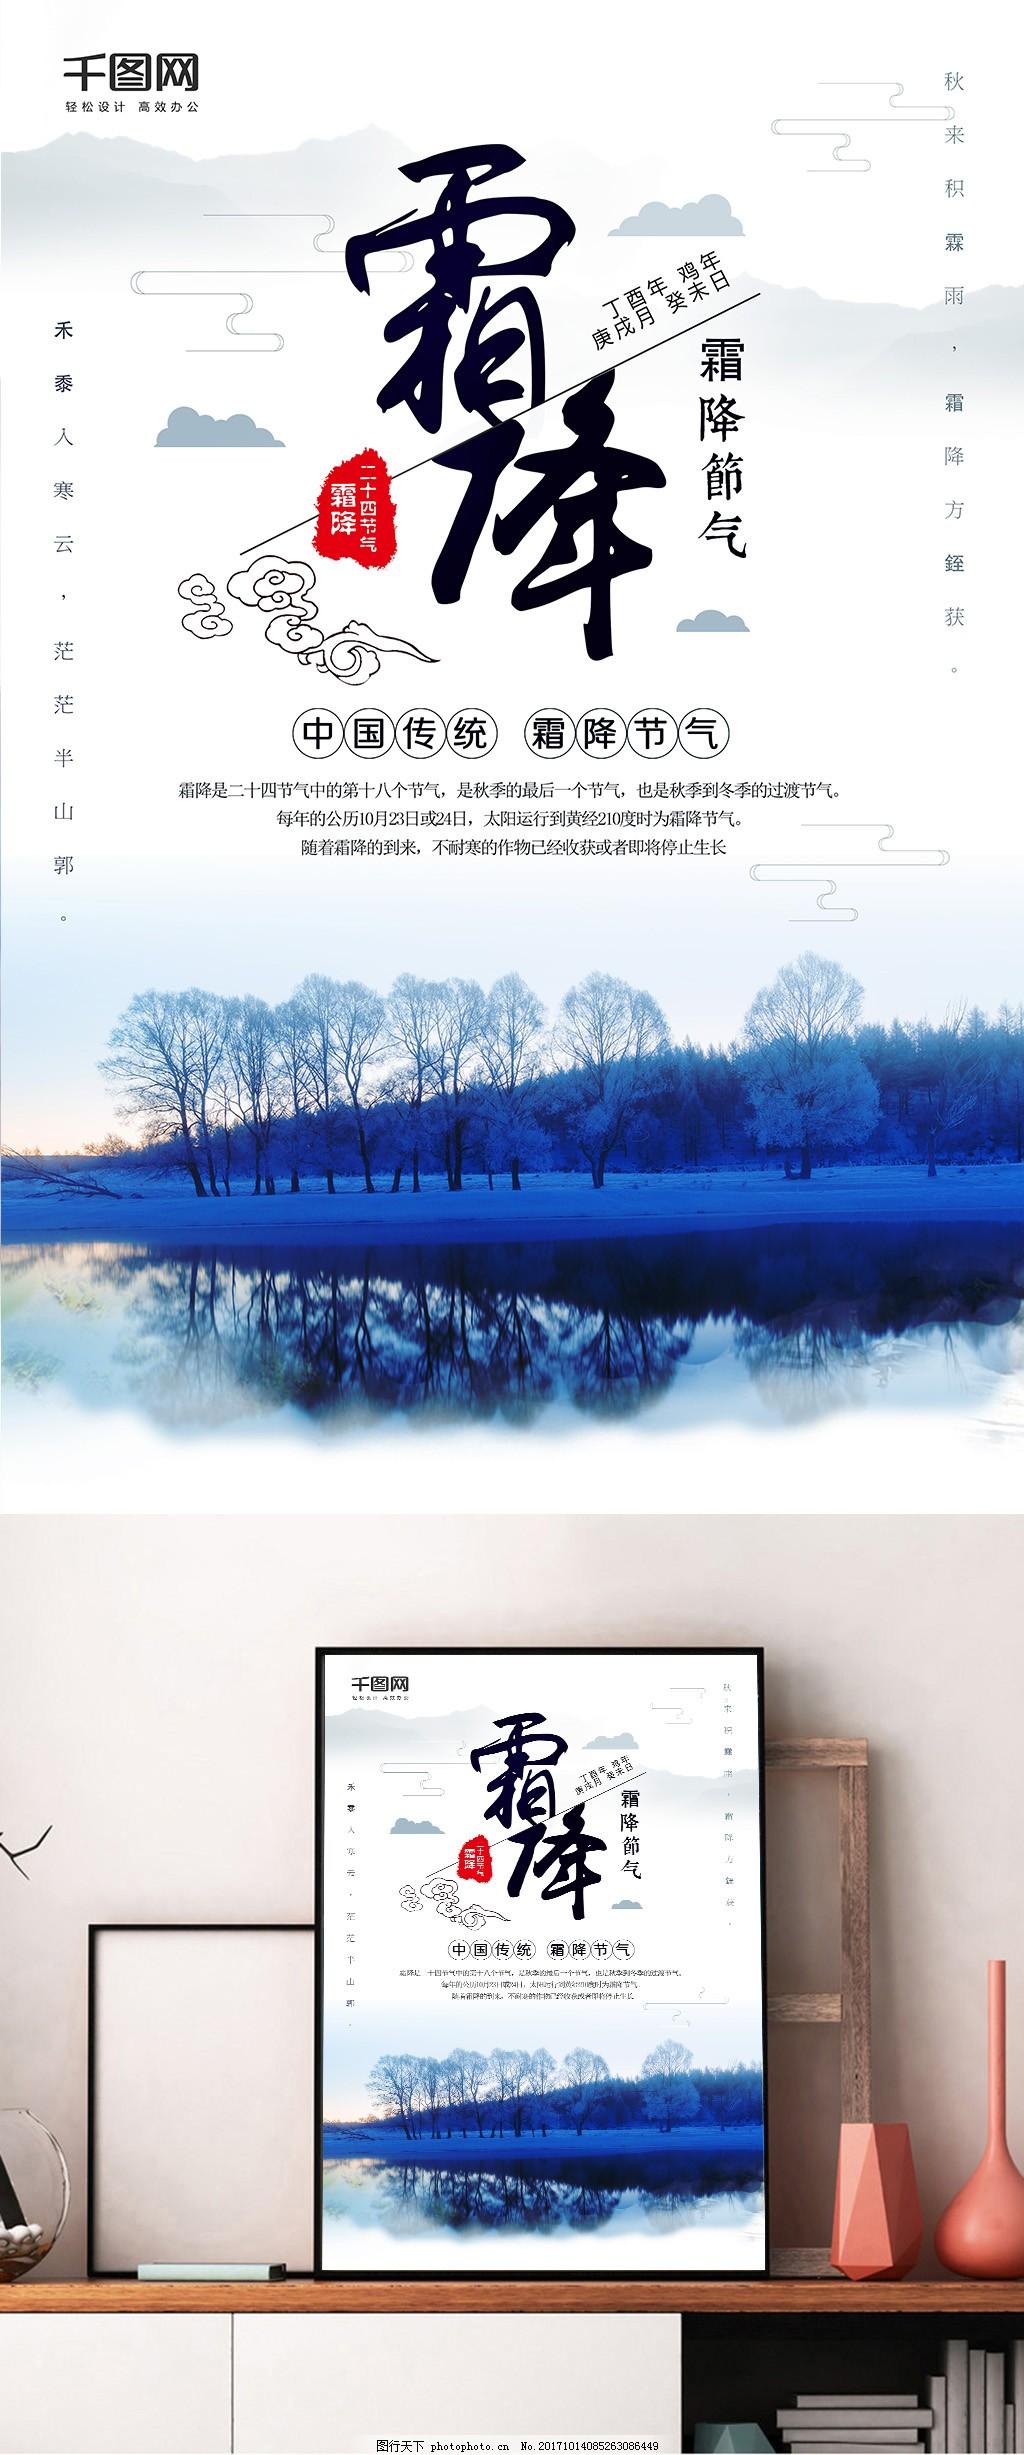 设计图库 海报设计 节日海报  廿十四节气霜降 霜降 霜降海报 节气 24